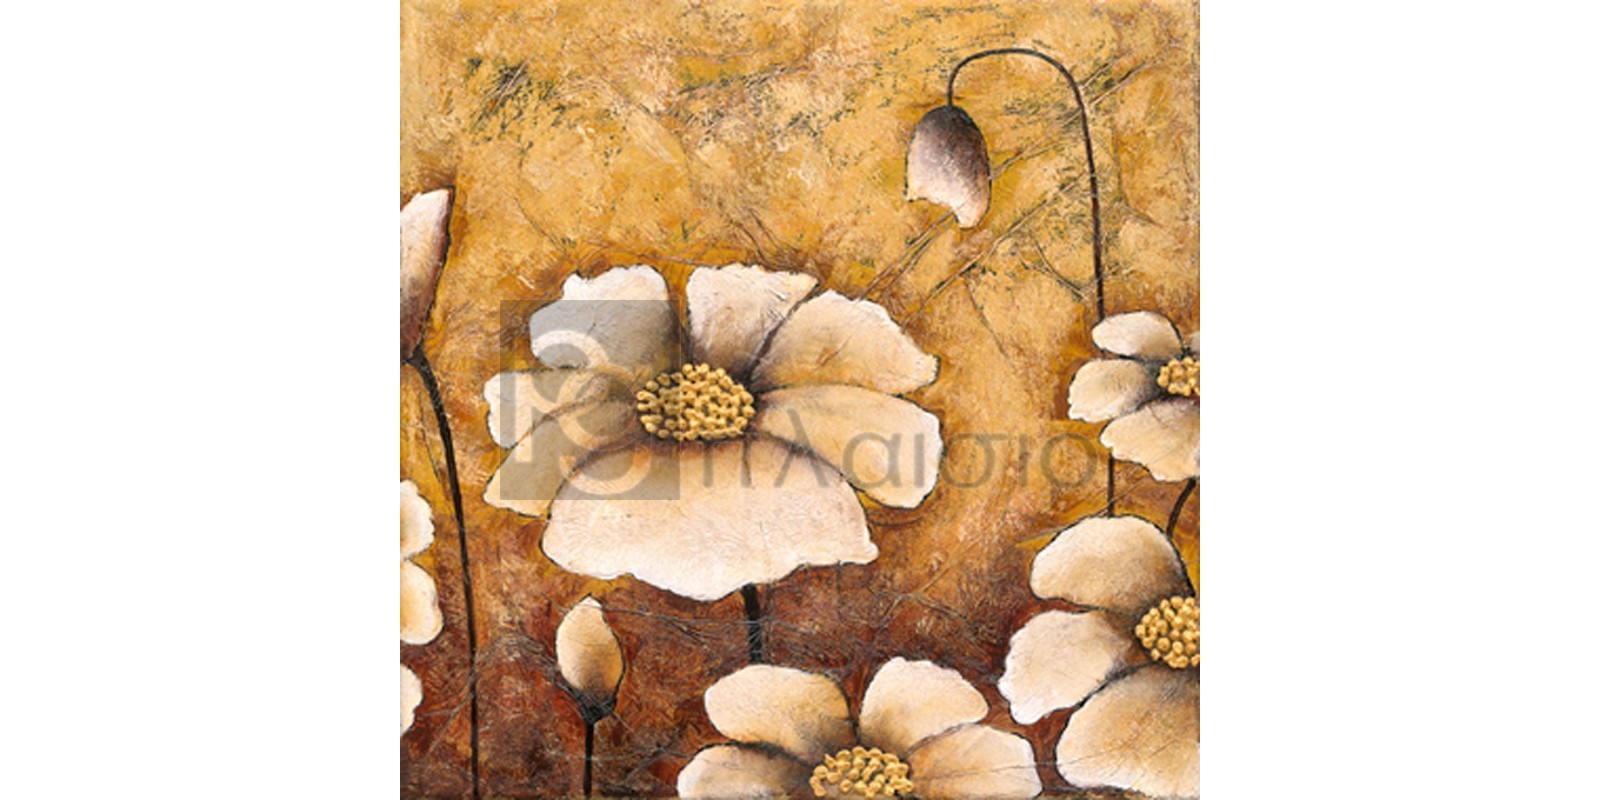 Βαλέρια Κουσίδου - Λευκές Παπαρούνες II